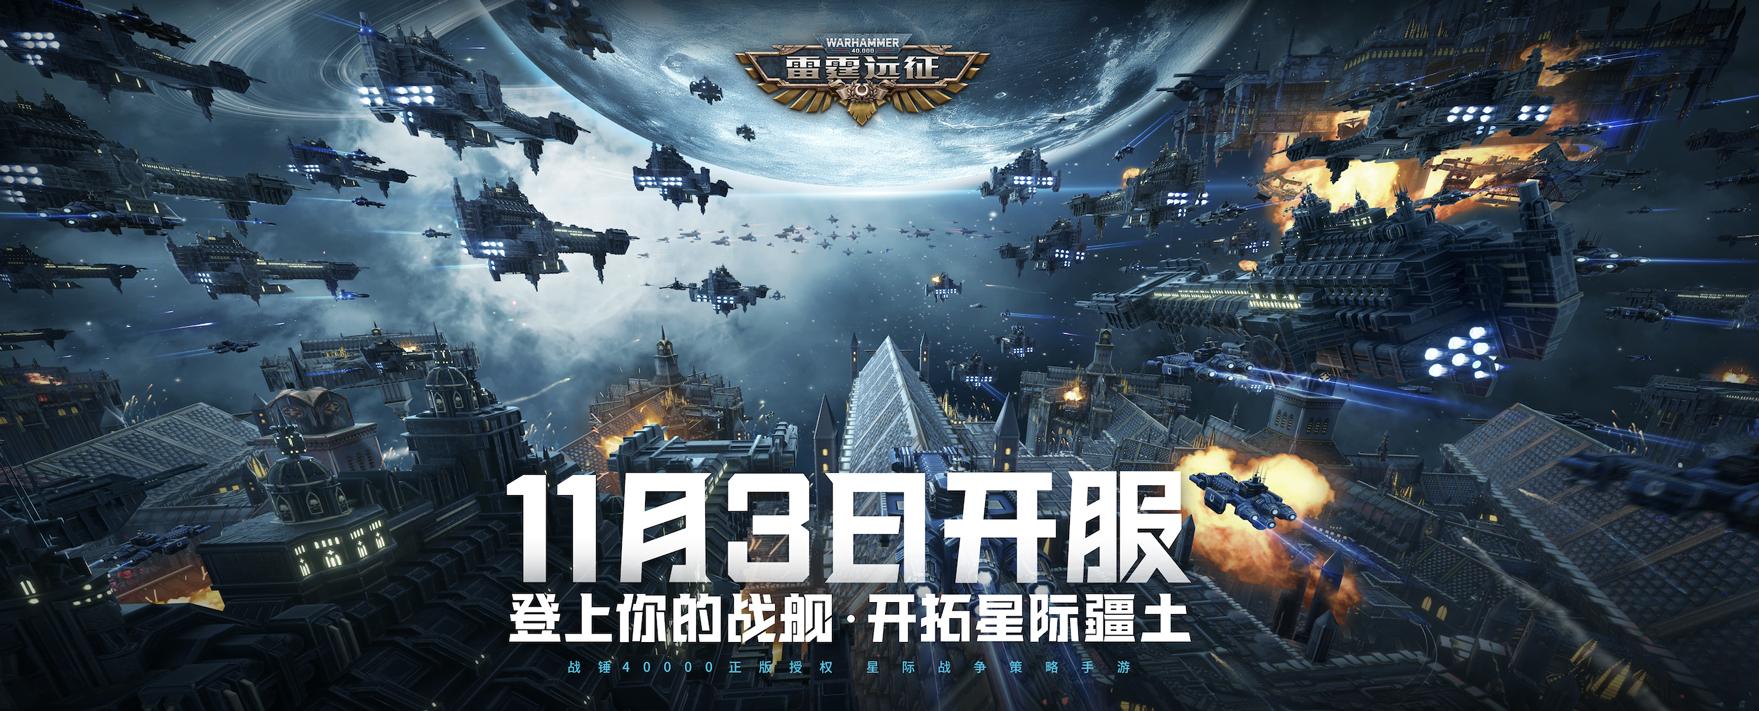 经典IP首次入华,《雷霆远征》首曝东方原创战斗